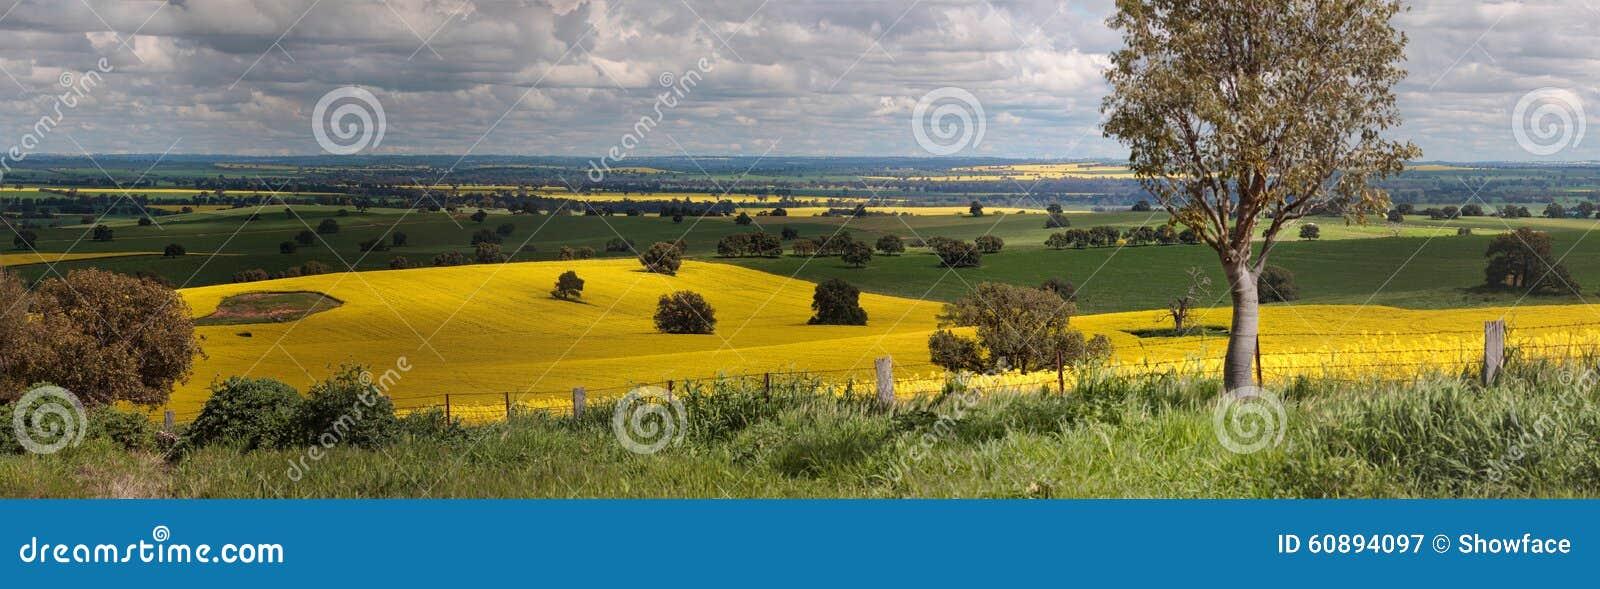 Panorama rural de las tierras de labrantío